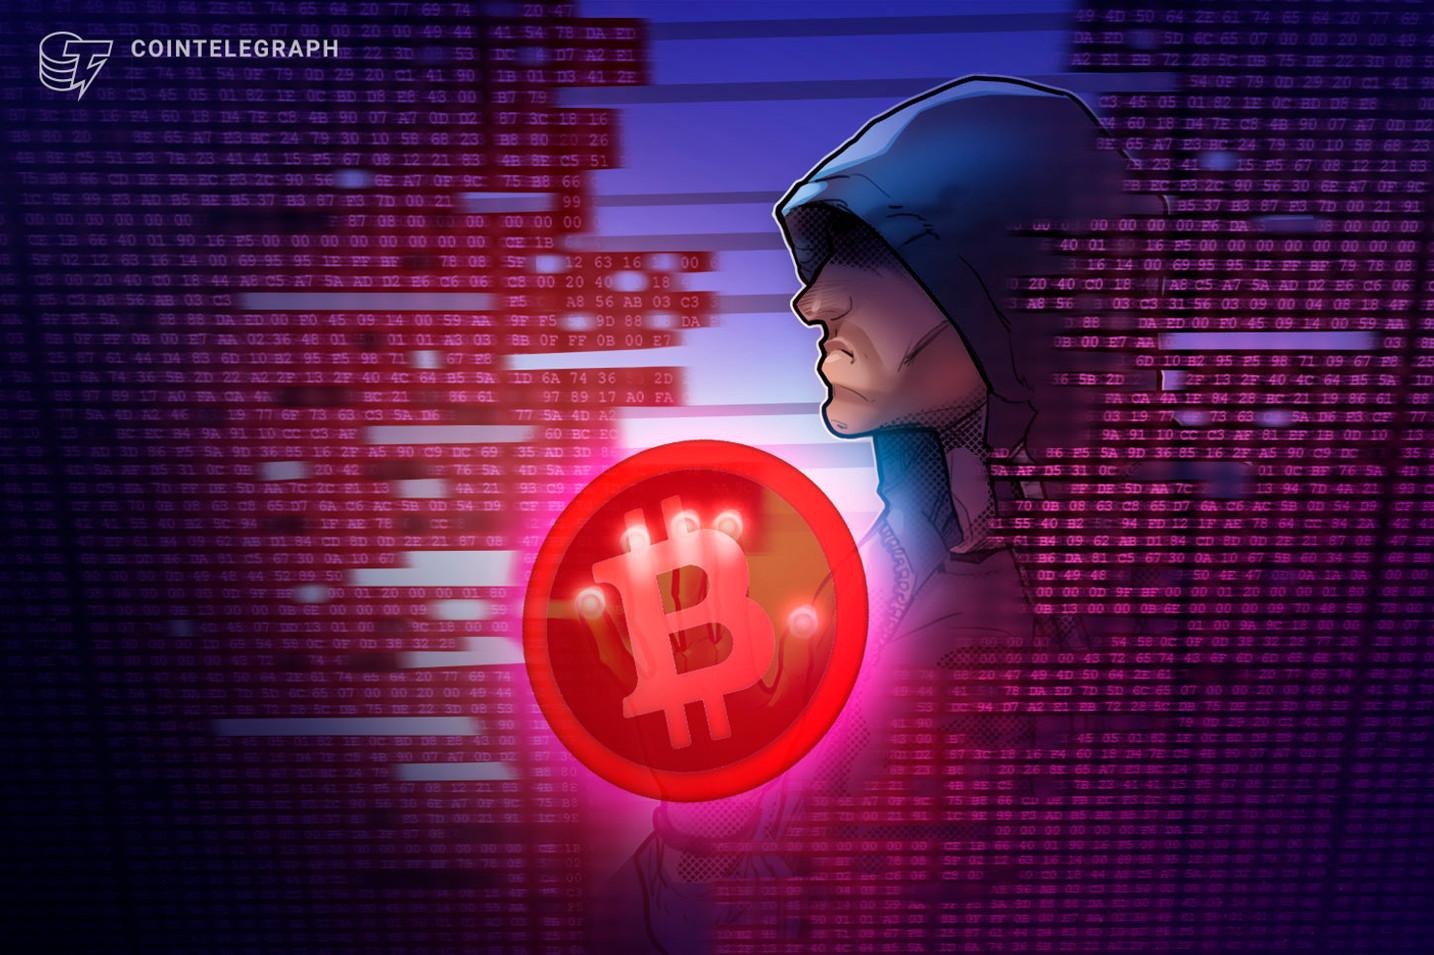 ロシアで仮想通貨を要求する爆弾予告事件、疑惑の取引所から消えたビットコイン120BTCを要求【ニュース】